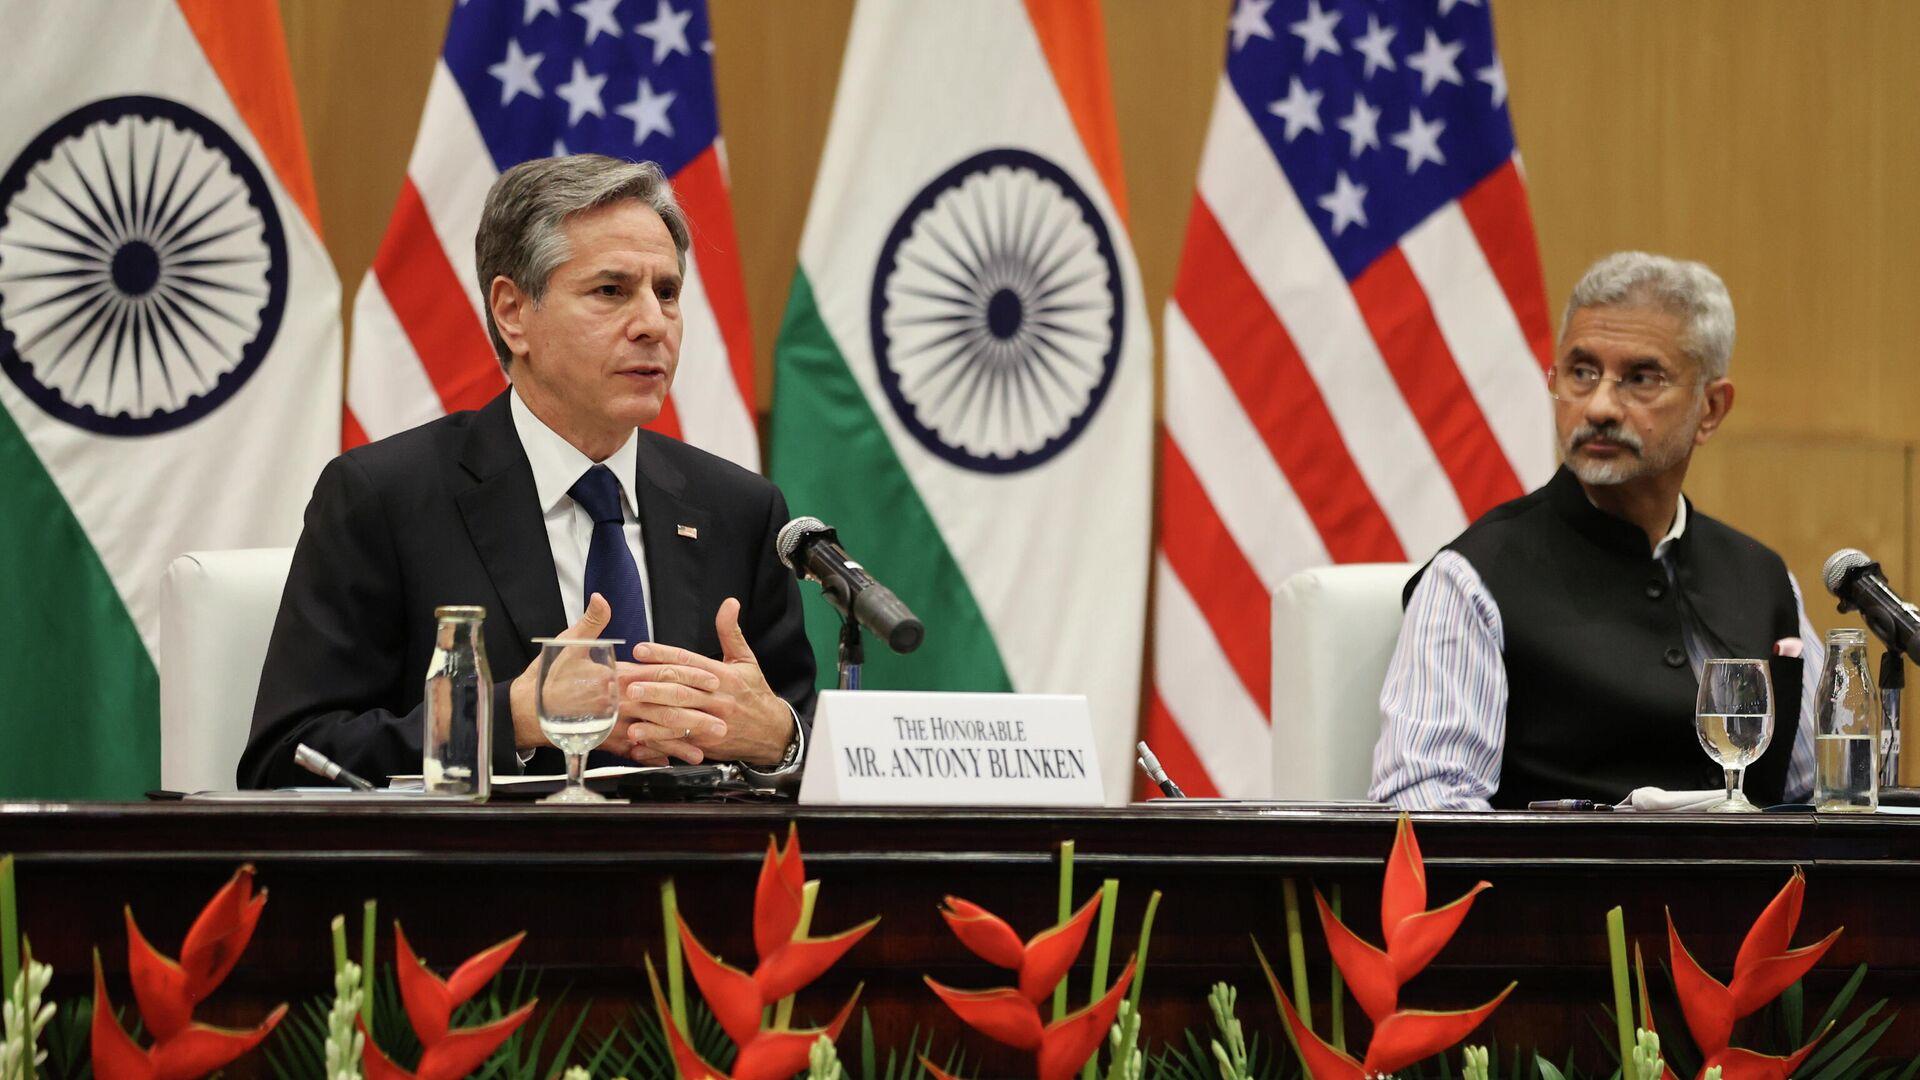 Госсекретарь США Энтони Блинкен и министр иностранных дел Индии Субраманьям Джайшанкар во время пресс-конференцию в Нью-Дели - РИА Новости, 1920, 31.07.2021